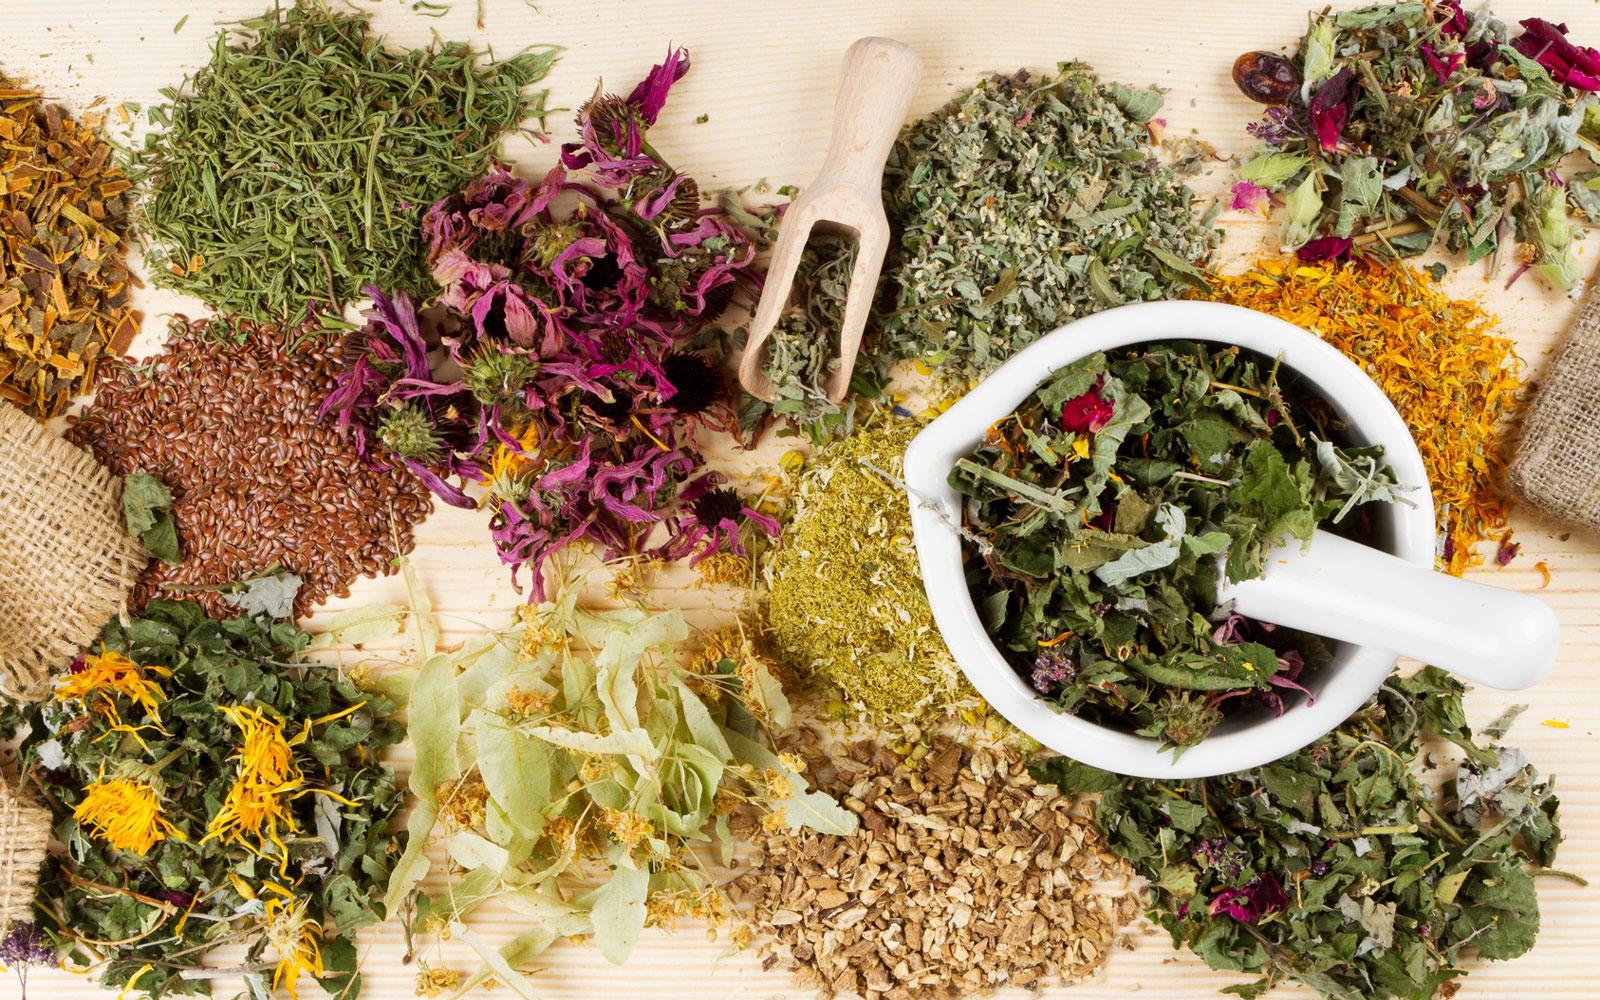 купить сборы лекарственных трав в интернет магазие